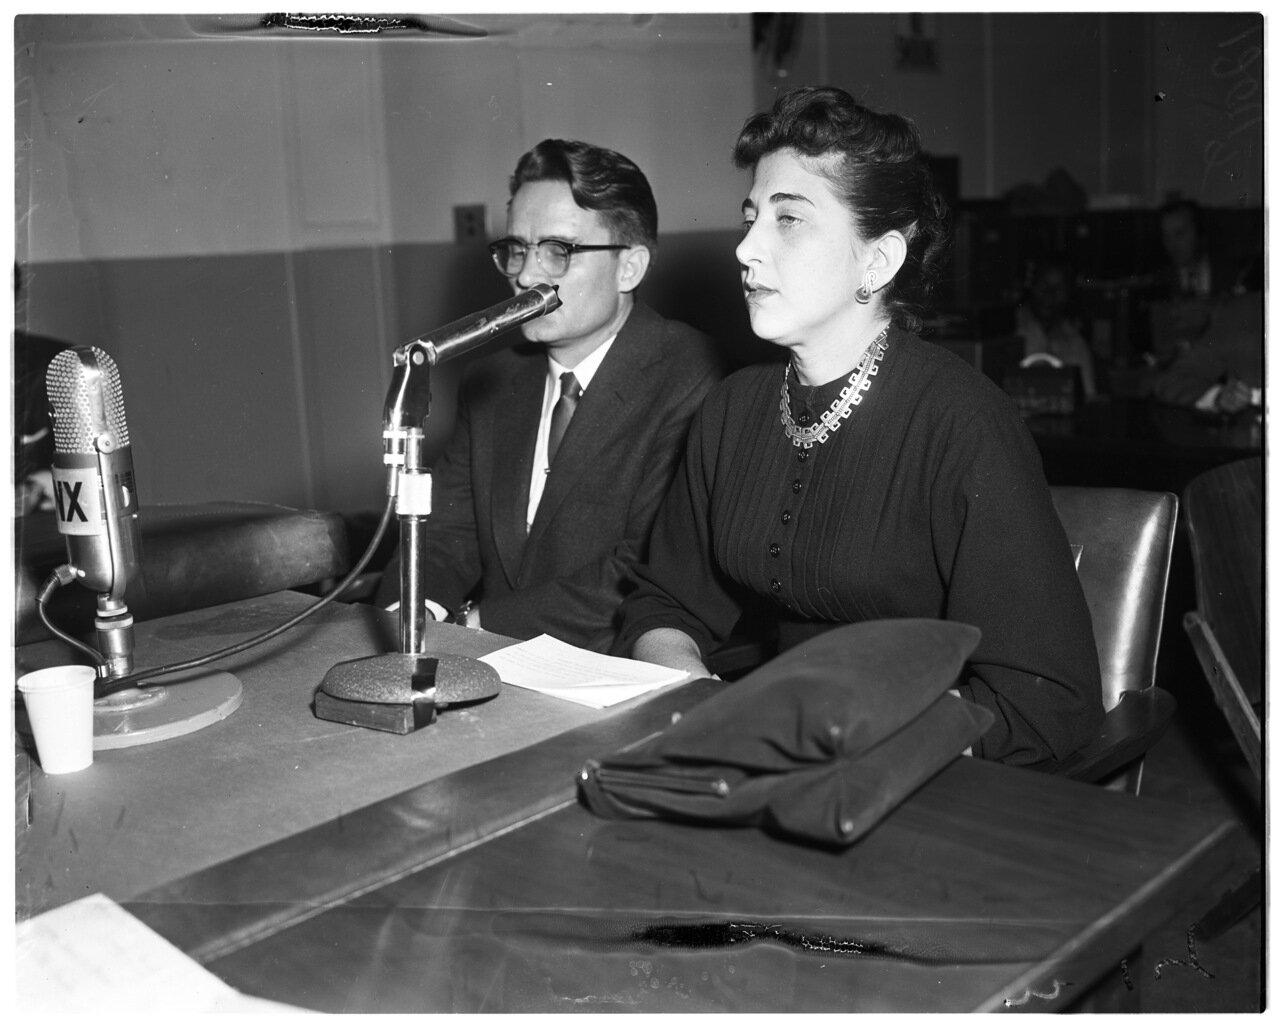 1956. 7 декабря. Комиссия по расследованию антиамериканской деятельности. Адвокат Б. Мурриш и Марва Бовингтон